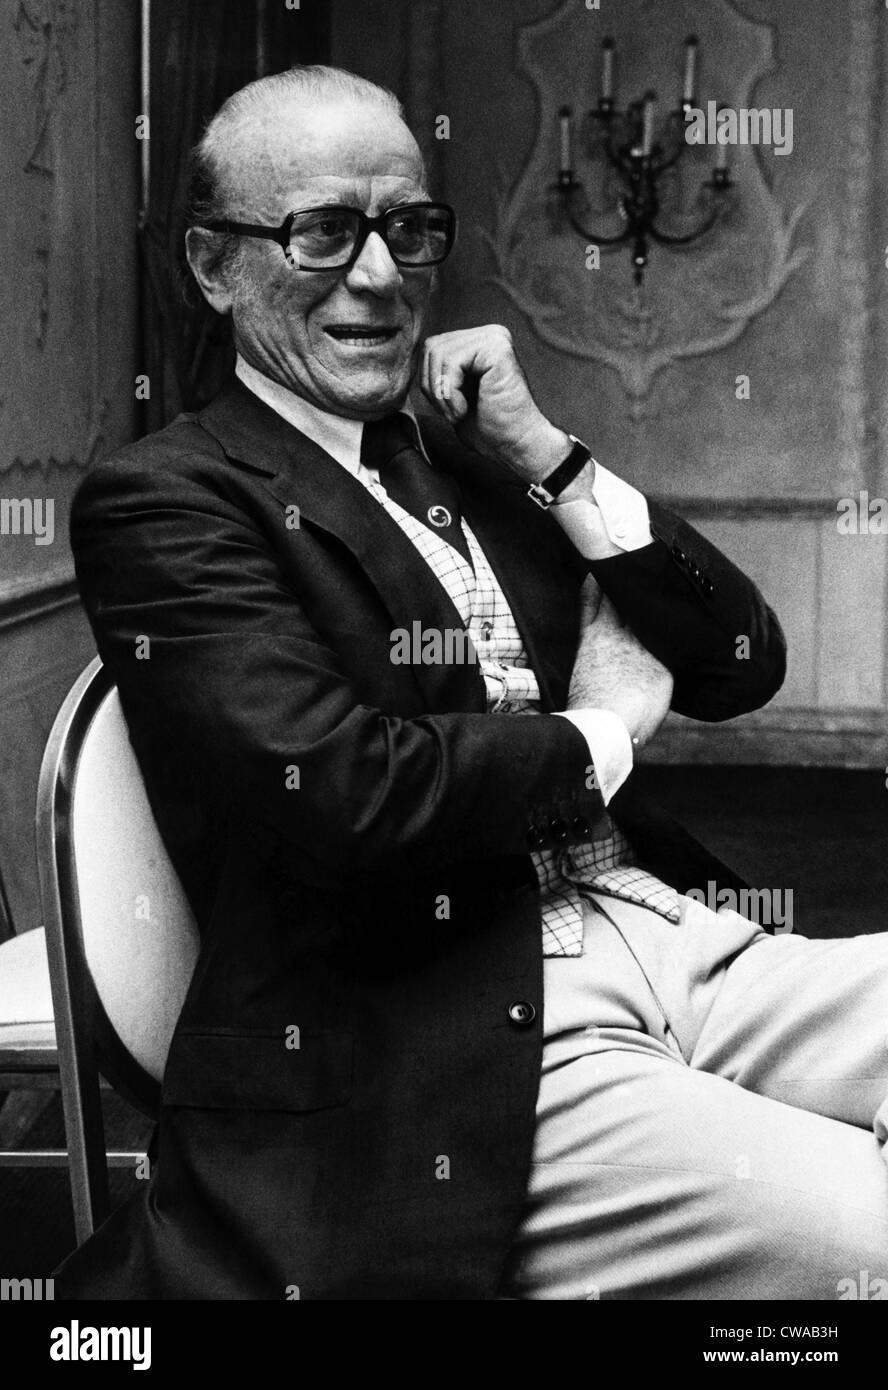 Aldo Gucci. ca. Ende der 1970er Jahre. Höflichkeit: CSU Archive/Everett Collection. Stockbild